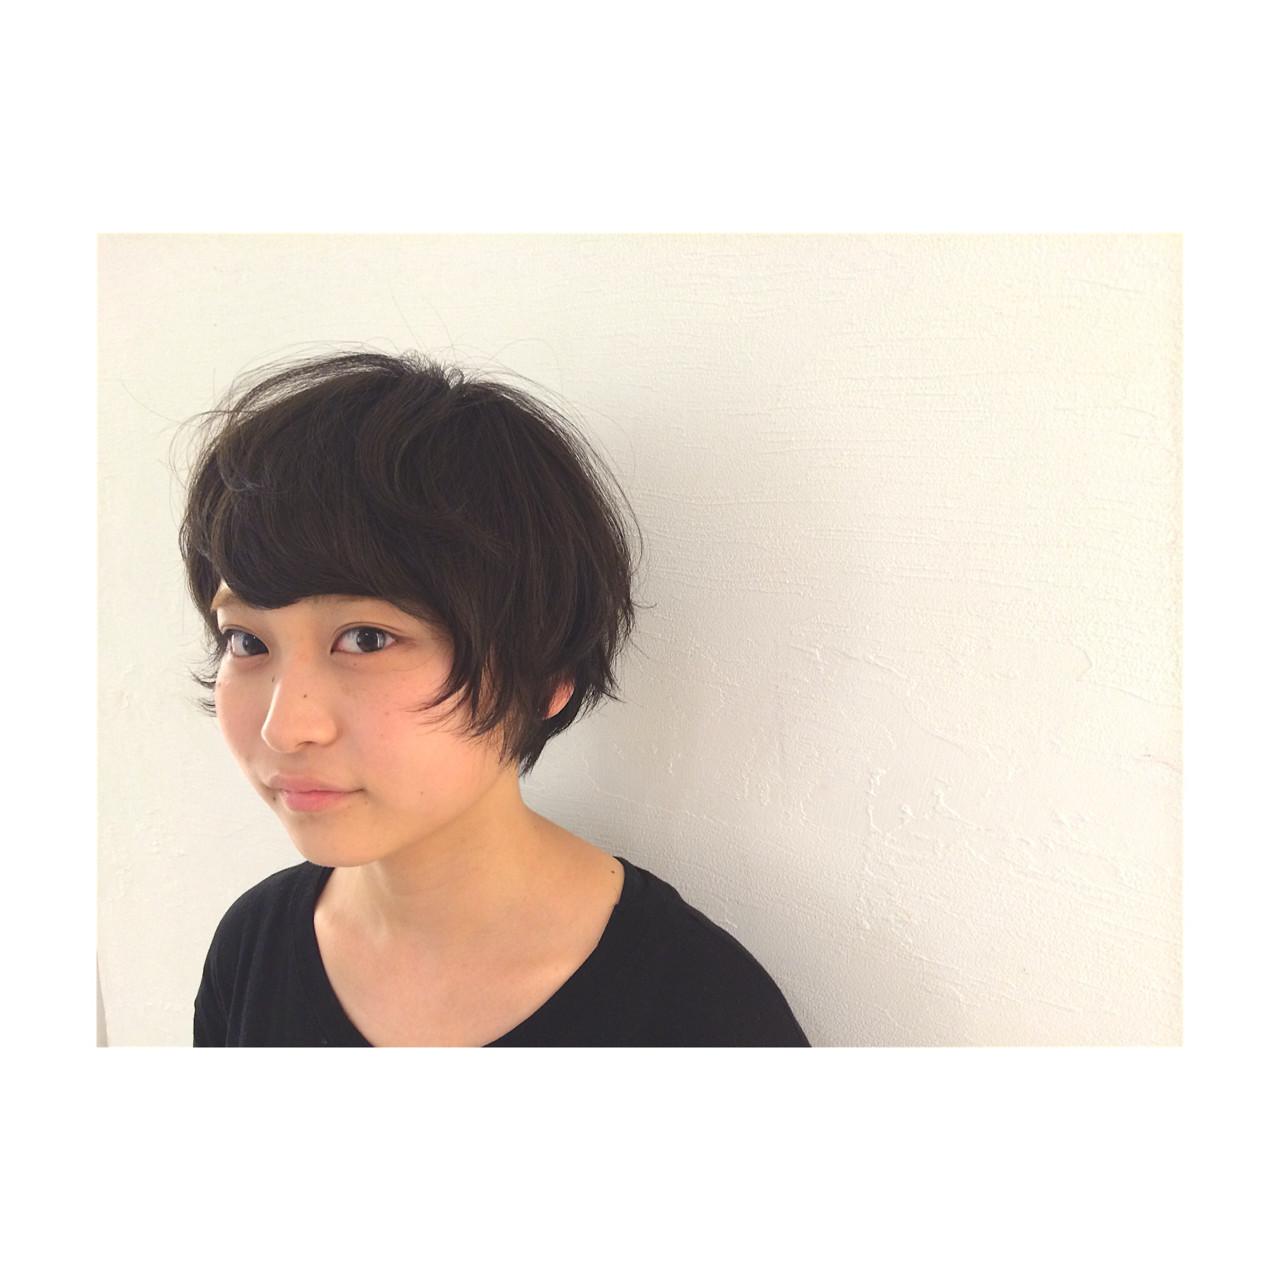 ショート 暗髪 黒髪 パーマ ヘアスタイルや髪型の写真・画像 | 津村正和/大阪心斎橋 / freelance